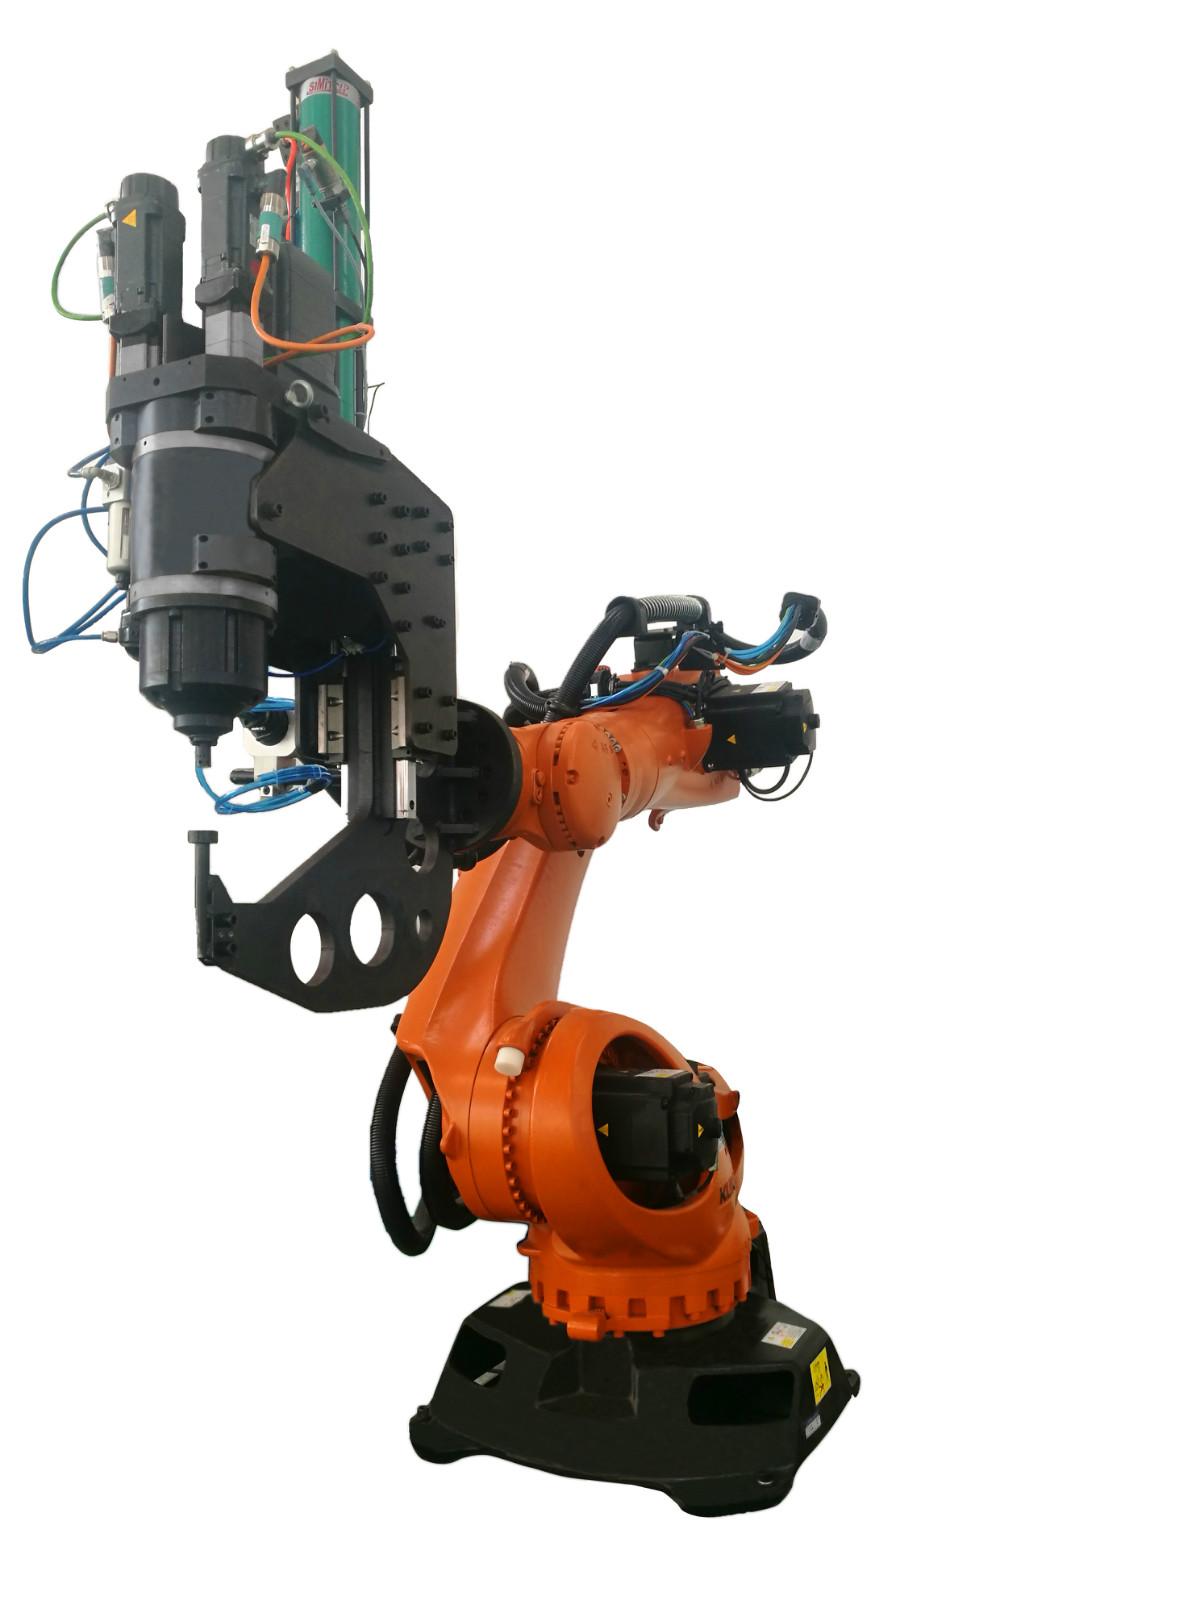 搅拌摩擦焊接技术_搅拌摩擦焊接_宁波焊接机器人